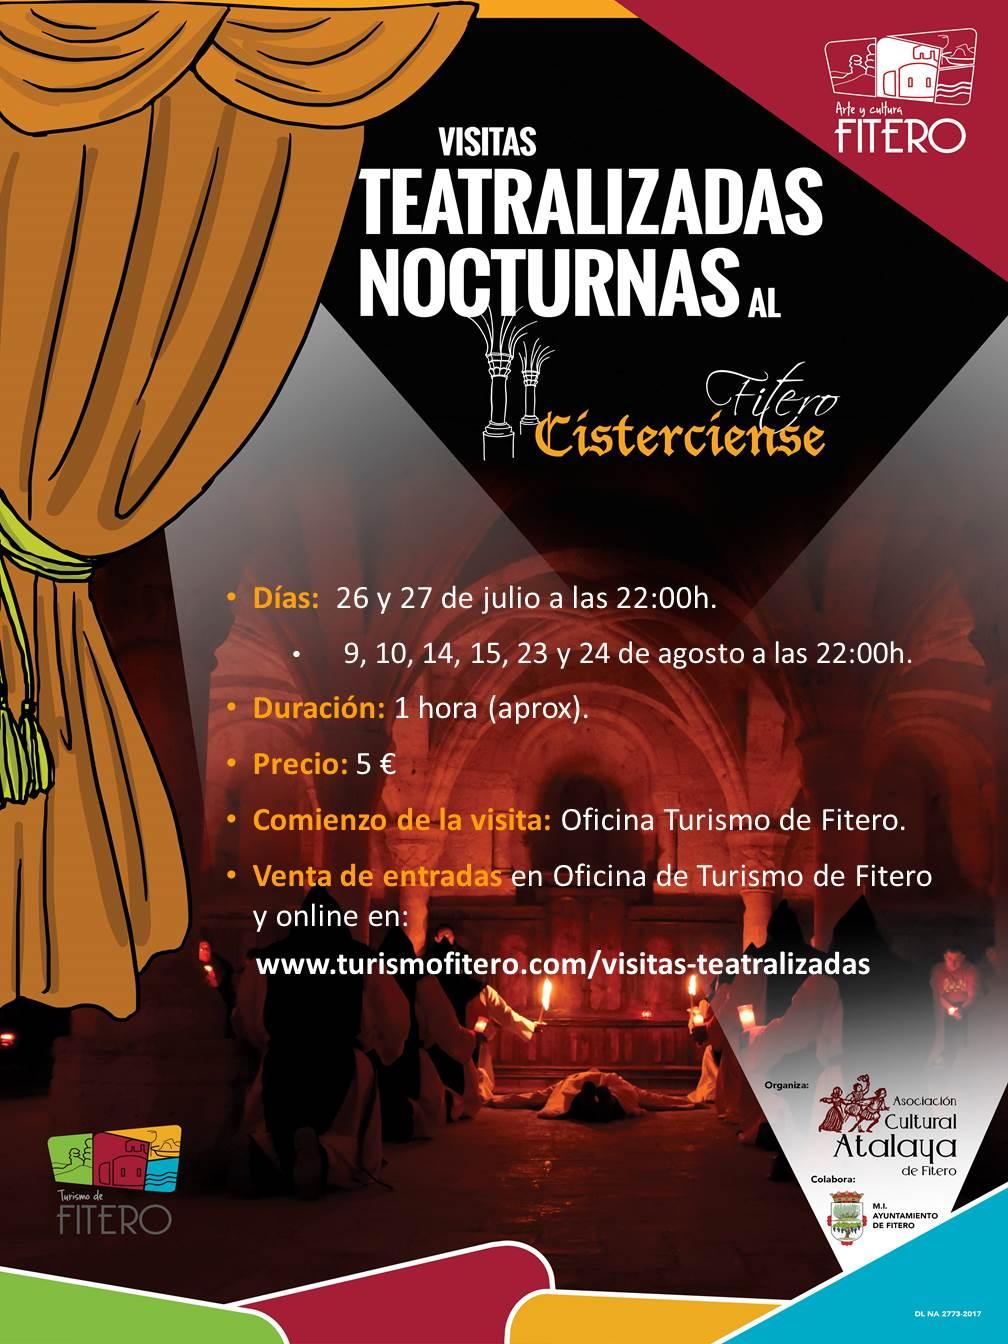 Próximas Visitas Teatralizadas Nocturnas al Fitero Cisterciense